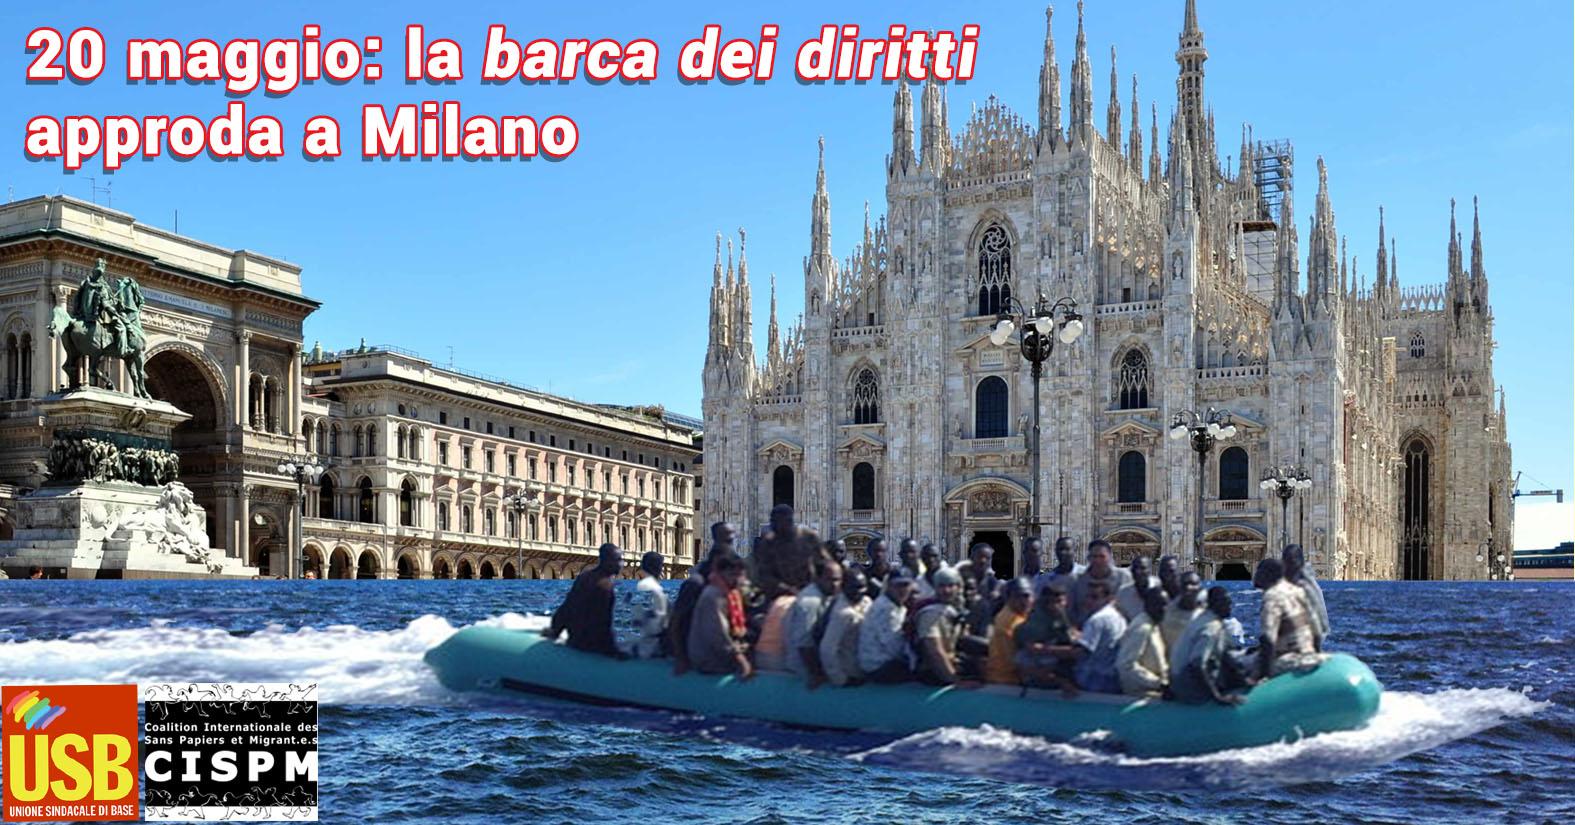 Migranti: una barca dei diritti approda sabato 20 Maggio a Milano